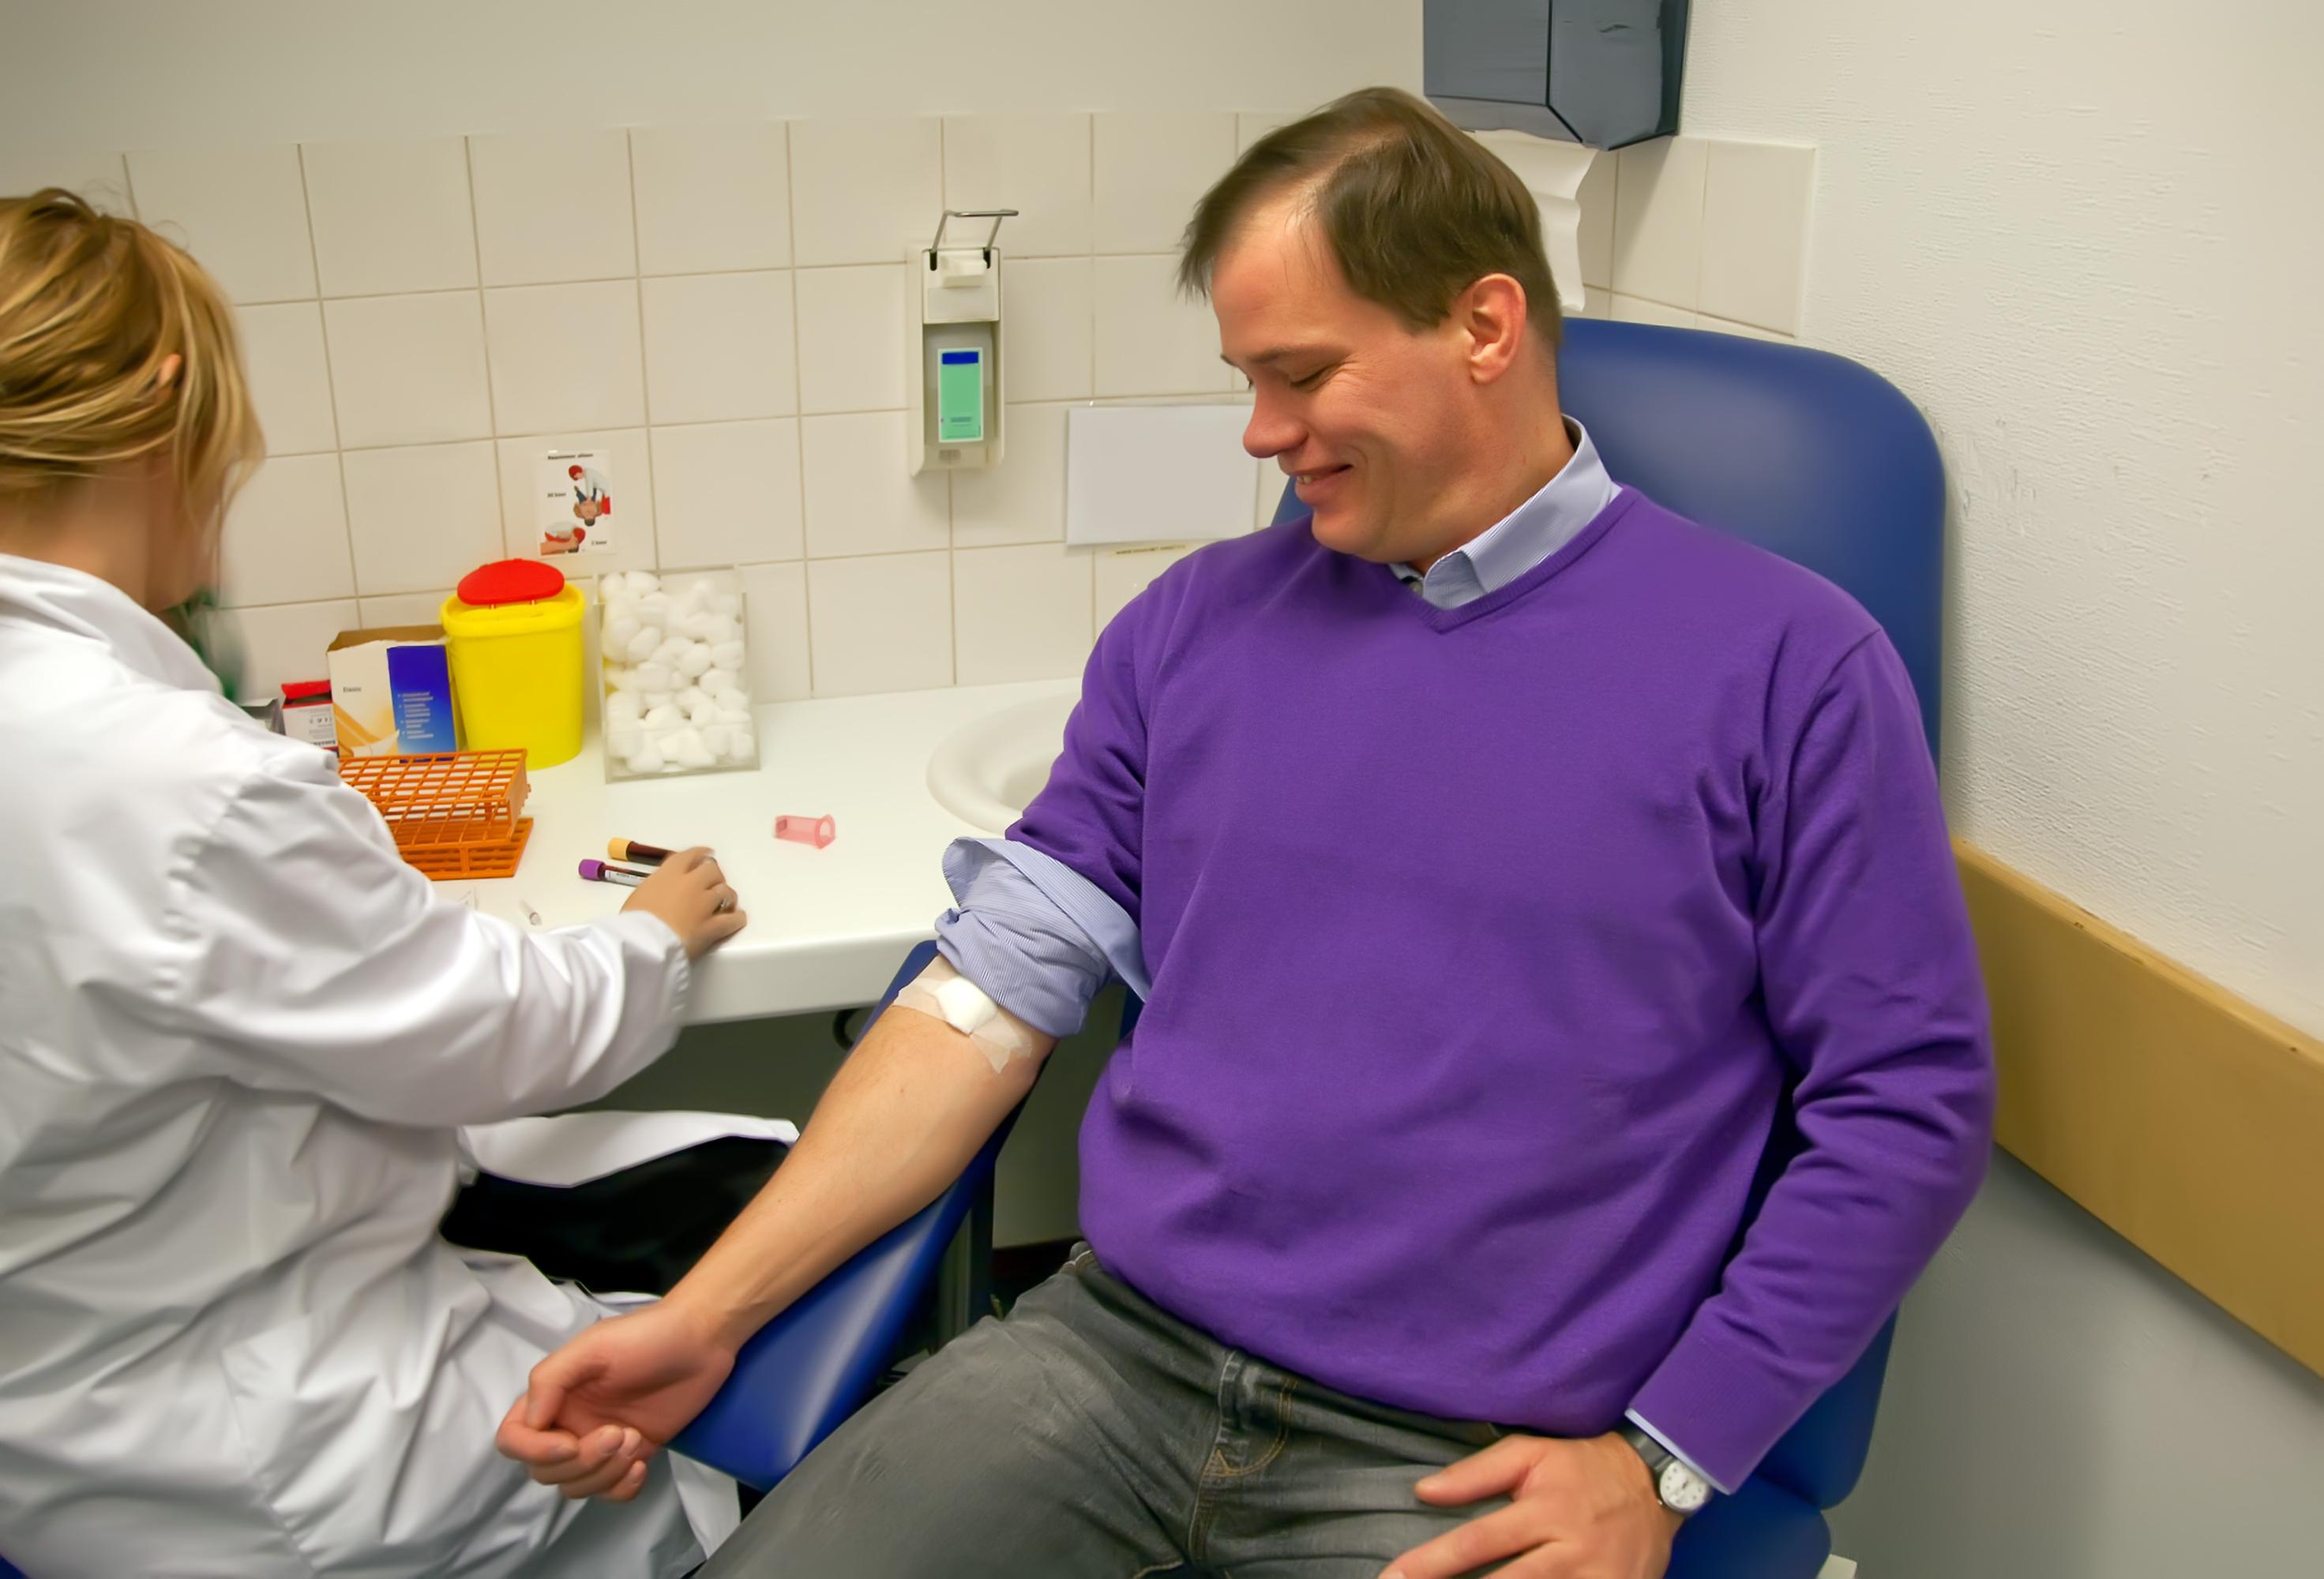 Med ett blodprov skulle man i framtiden kunna upptäcka och förutse sjukdomar som diabetes, hjärt- kärlsjukdom eller cancer.